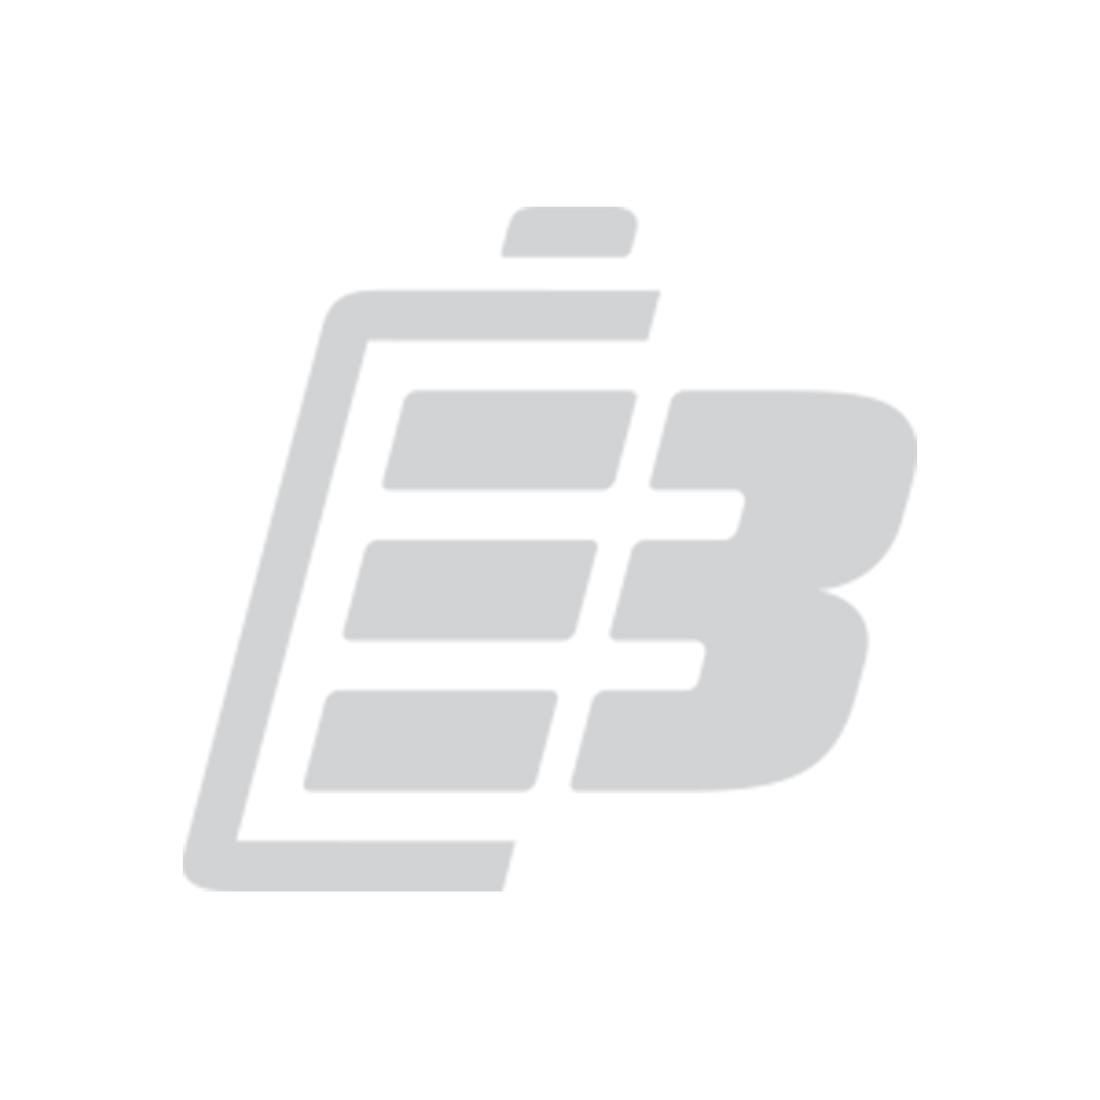 Μπαταρία ασύρματου τηλεφώνου Panasonic HHR-P103_1